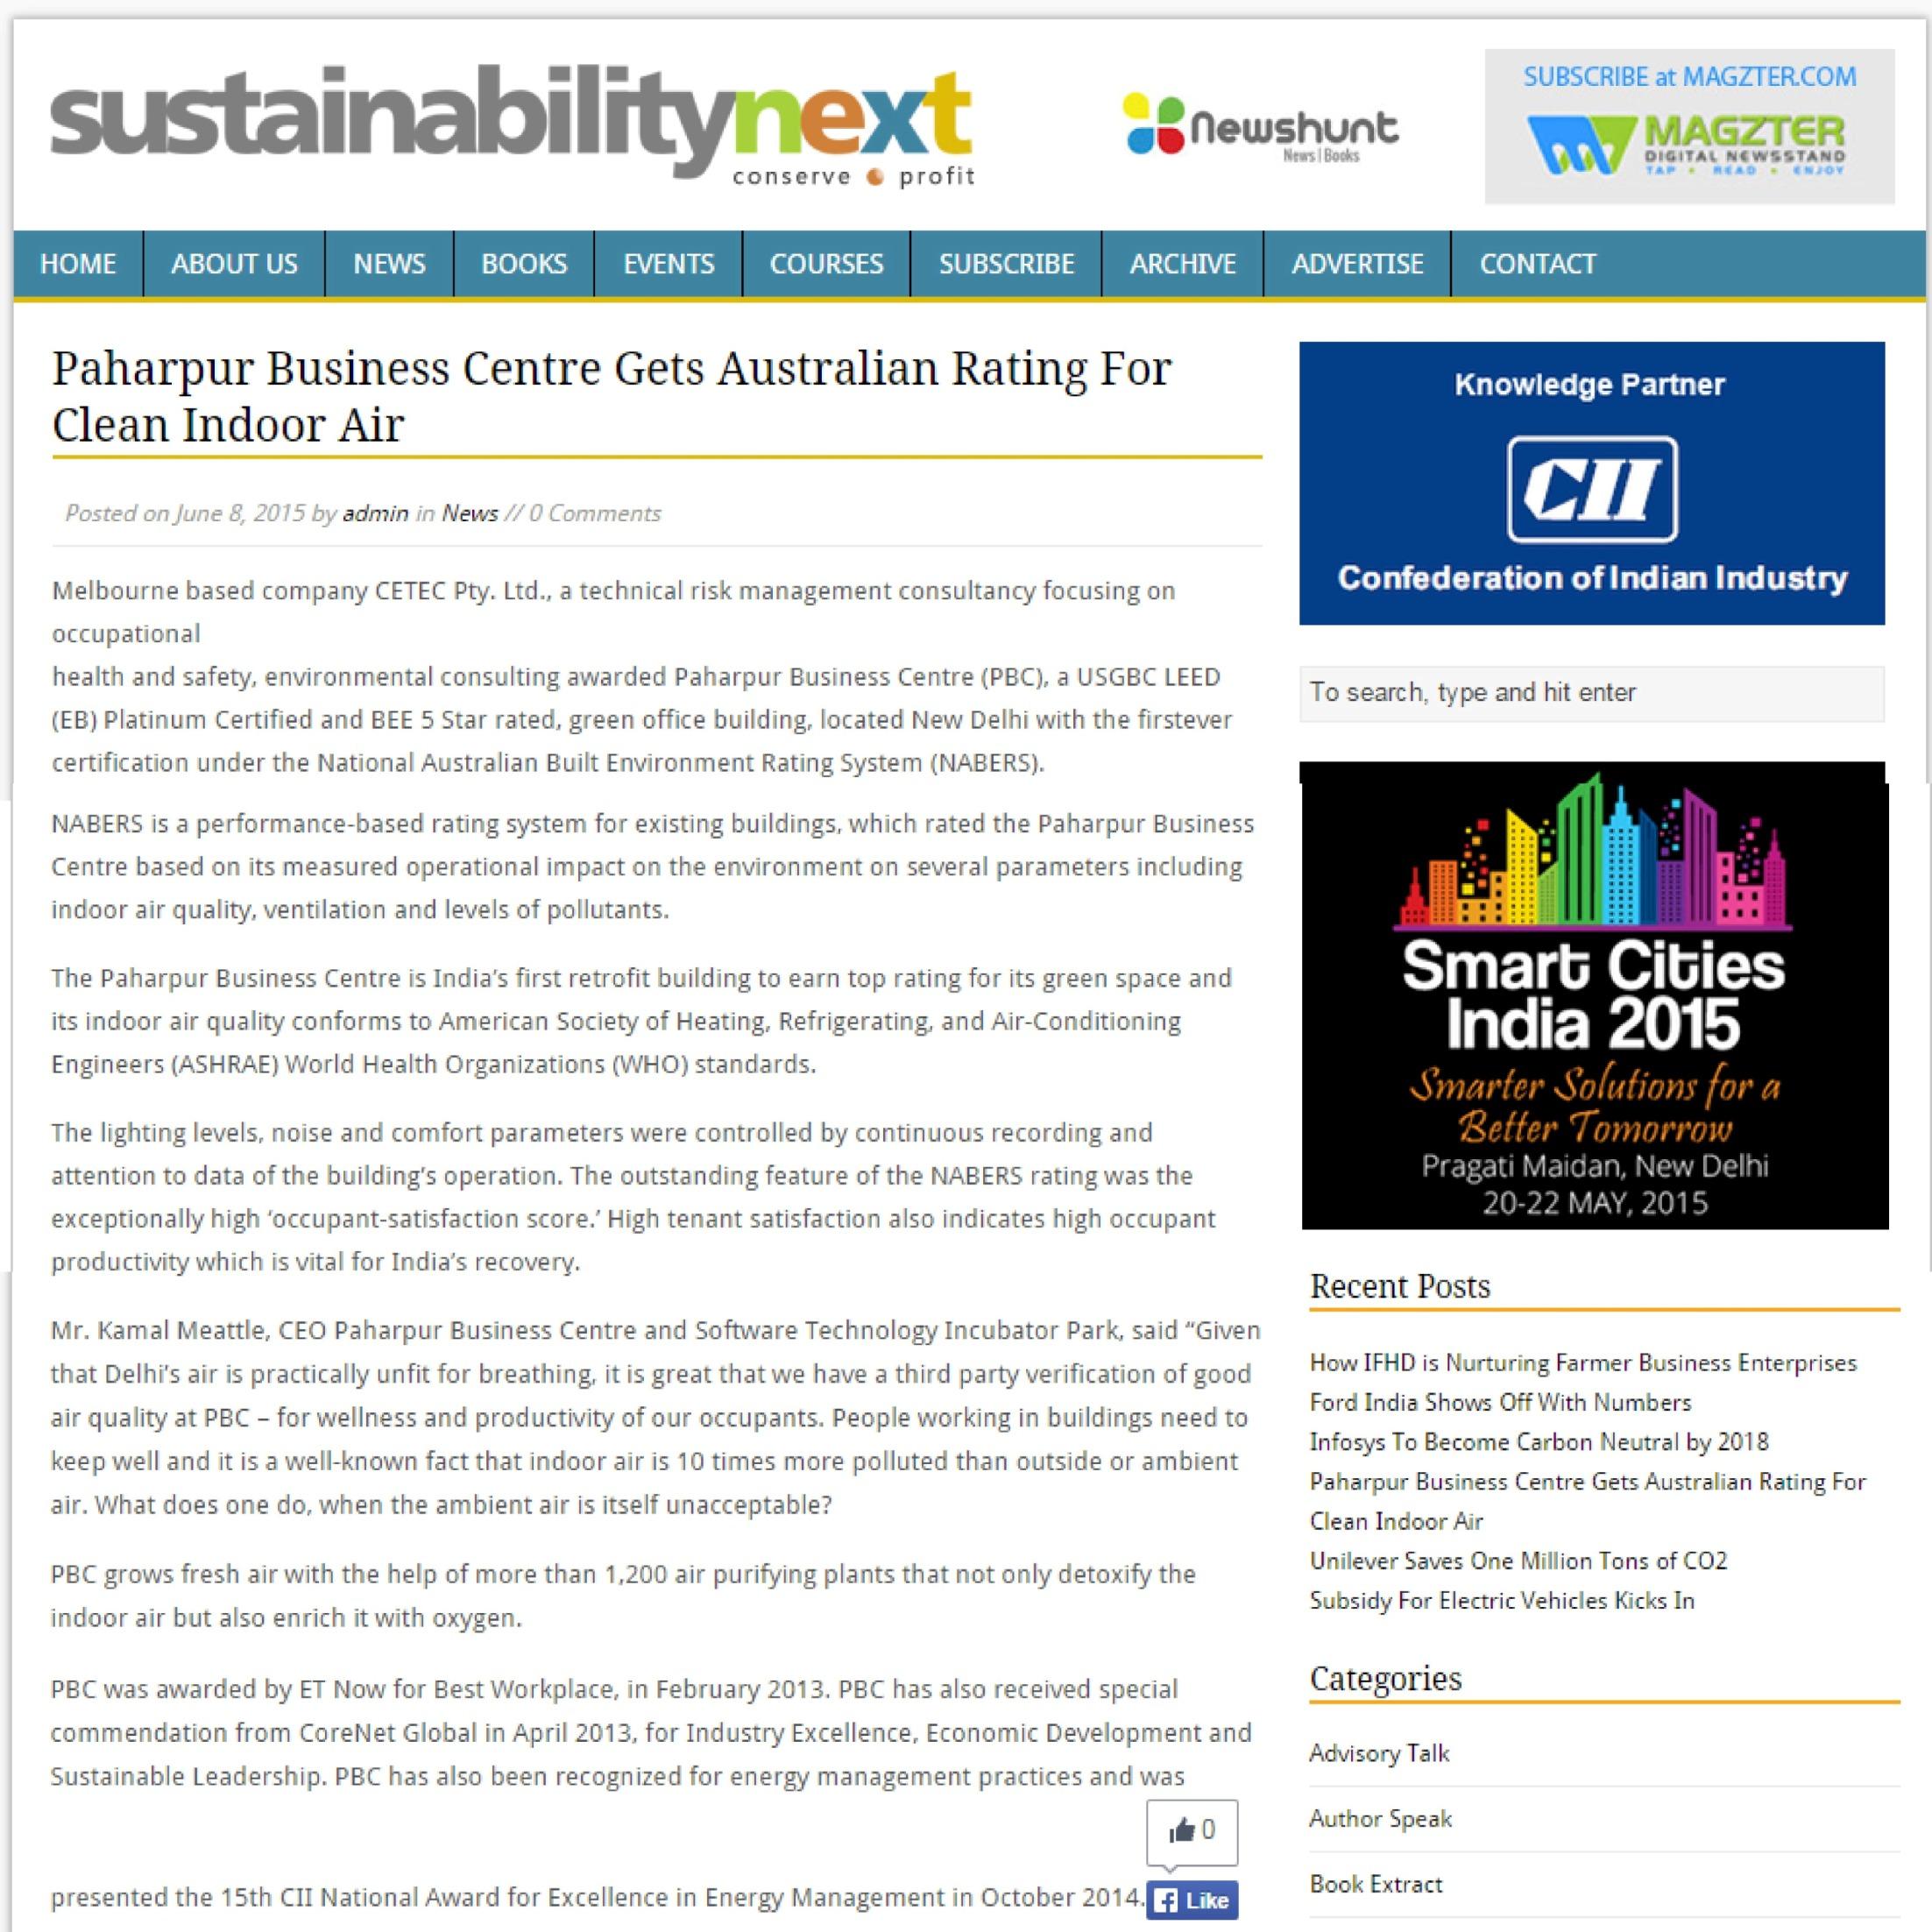 sustainability-next